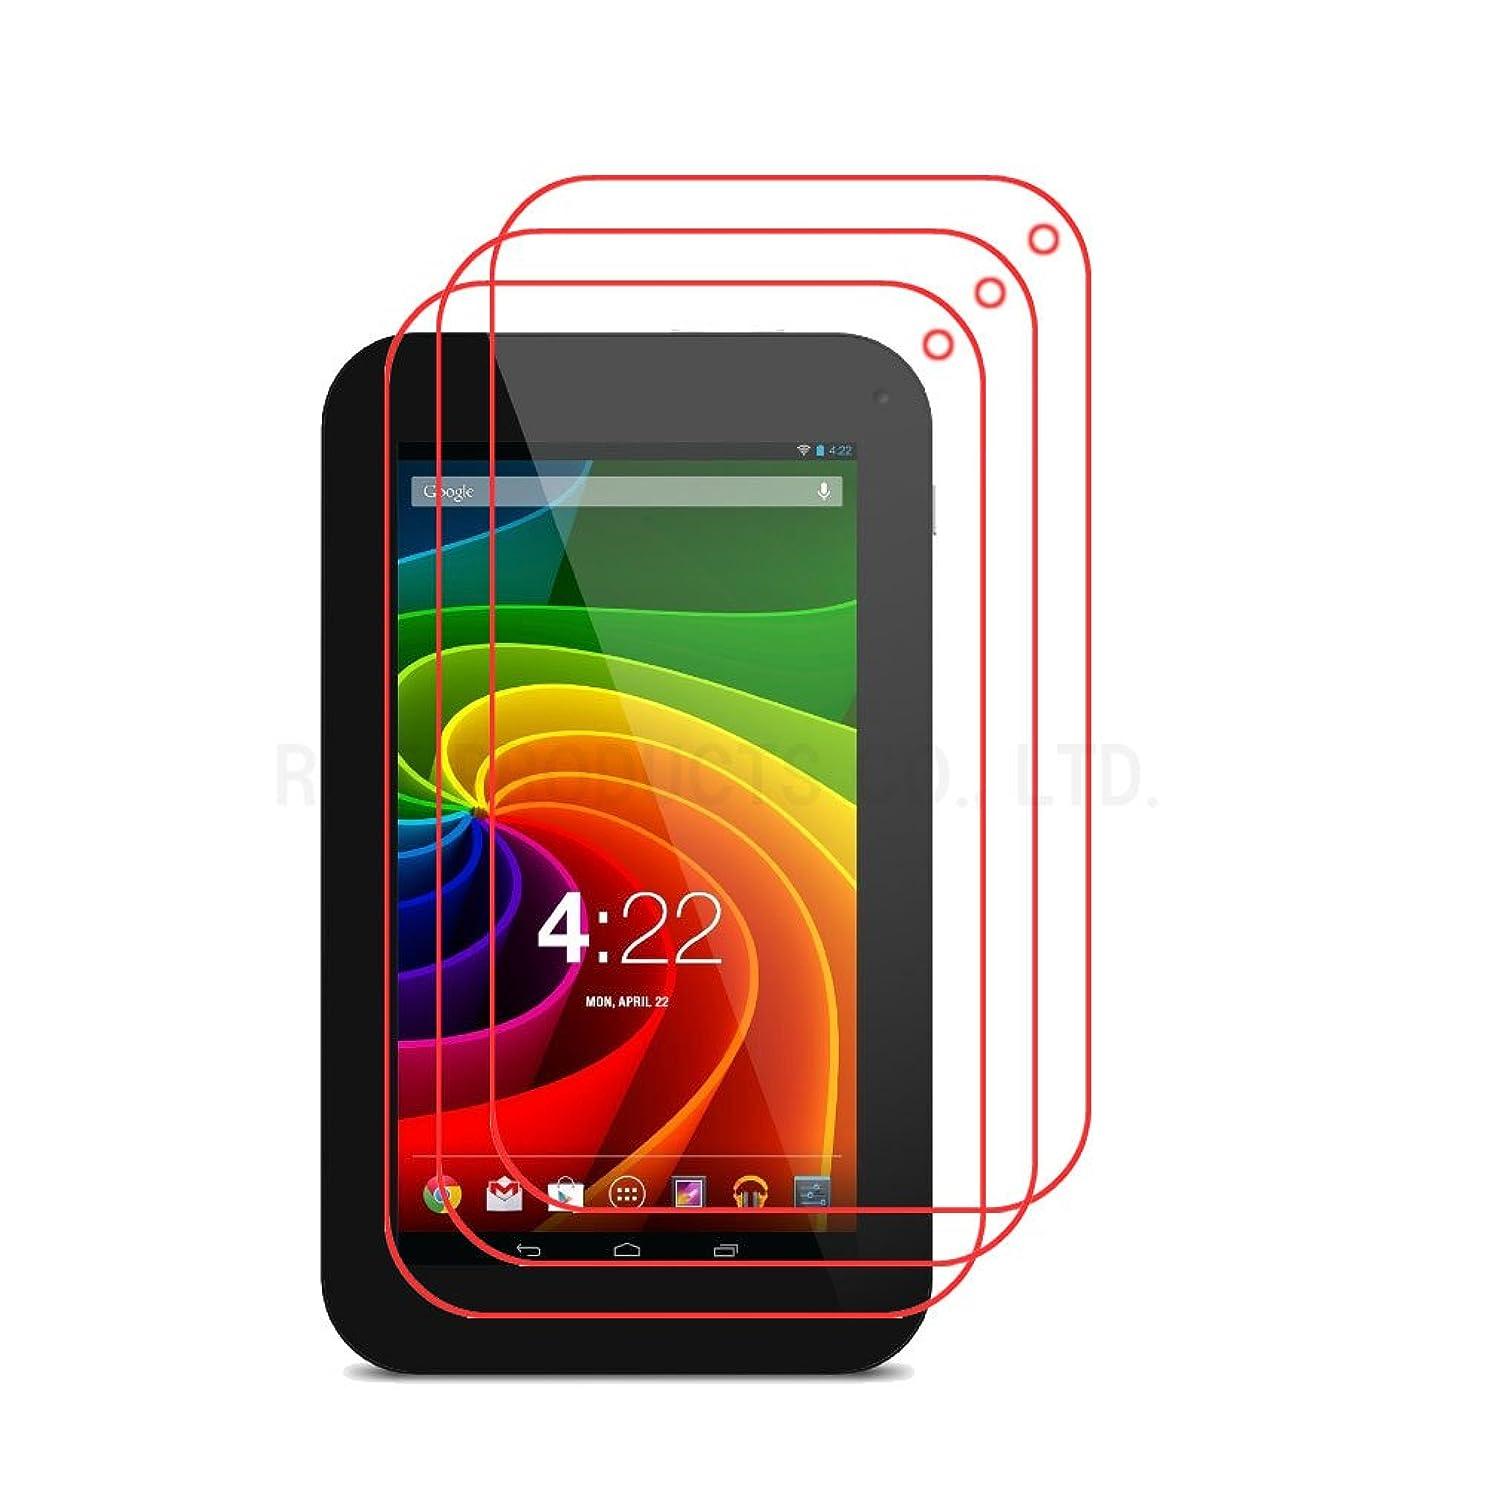 感情のストレスの多いふりをする【3枚パック】【RISEオリジナル】Toshiba Tablet AT7-B618 AT7-B619 液晶保護フィルム 防指紋 反射軽減 映り込み防止 マットタイプの高品質防指紋液晶保護フィルム